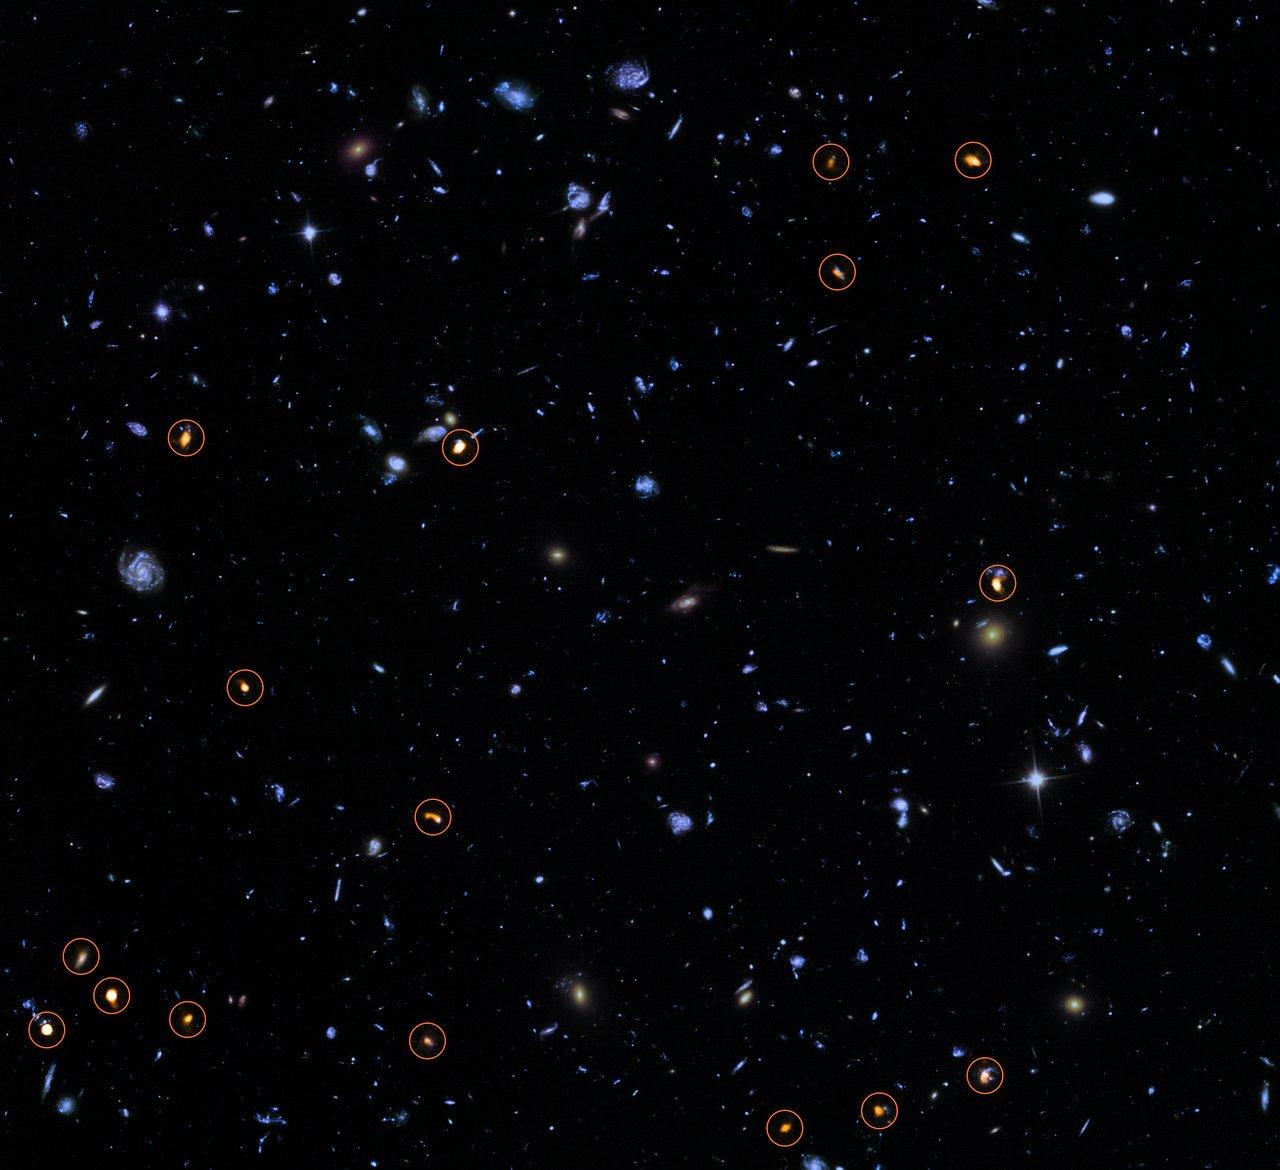 """L'HUDF con l'aggiunta delle osservazioni ALMA. Le """"sue"""" galassie sono quelle arancioni e segnate dal cerchietto. Fonte: ALMA (ESO/NAOJ/NRAO)/NASA/ESA/J. Dunlop et al. e S. Beckwith (STScI) e HUDF Team."""